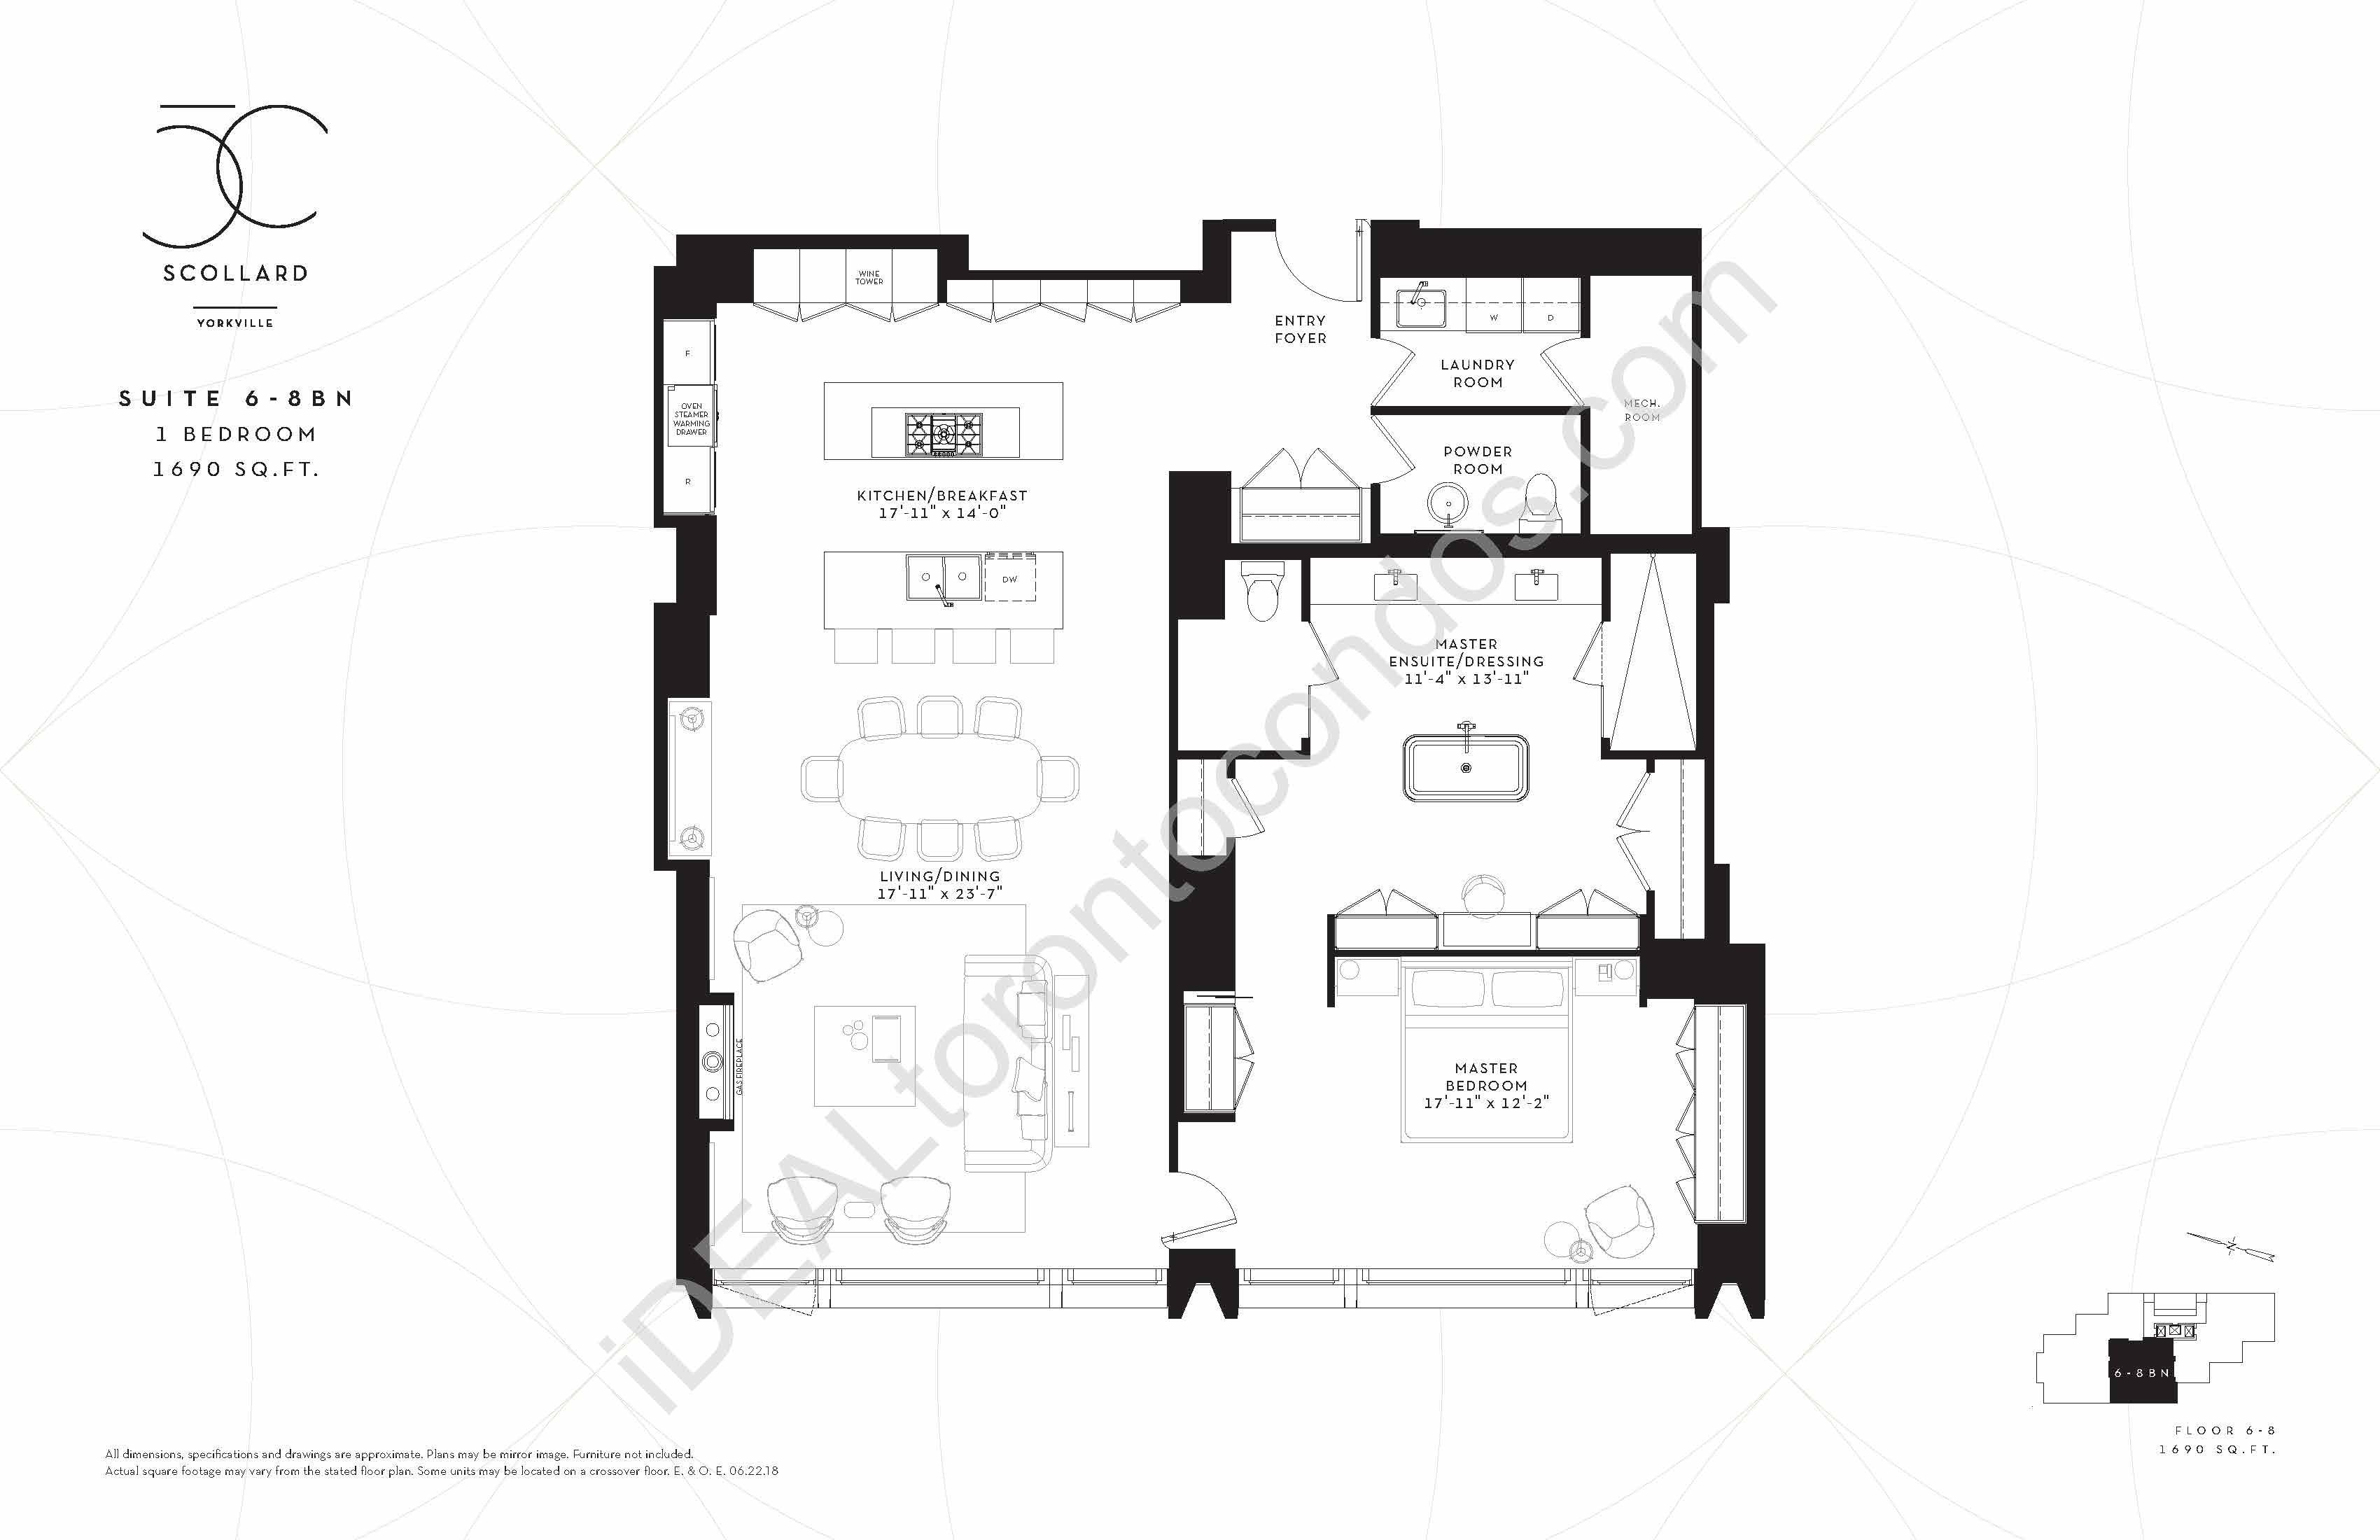 Suite 6-8 BN | 1 Bedroom